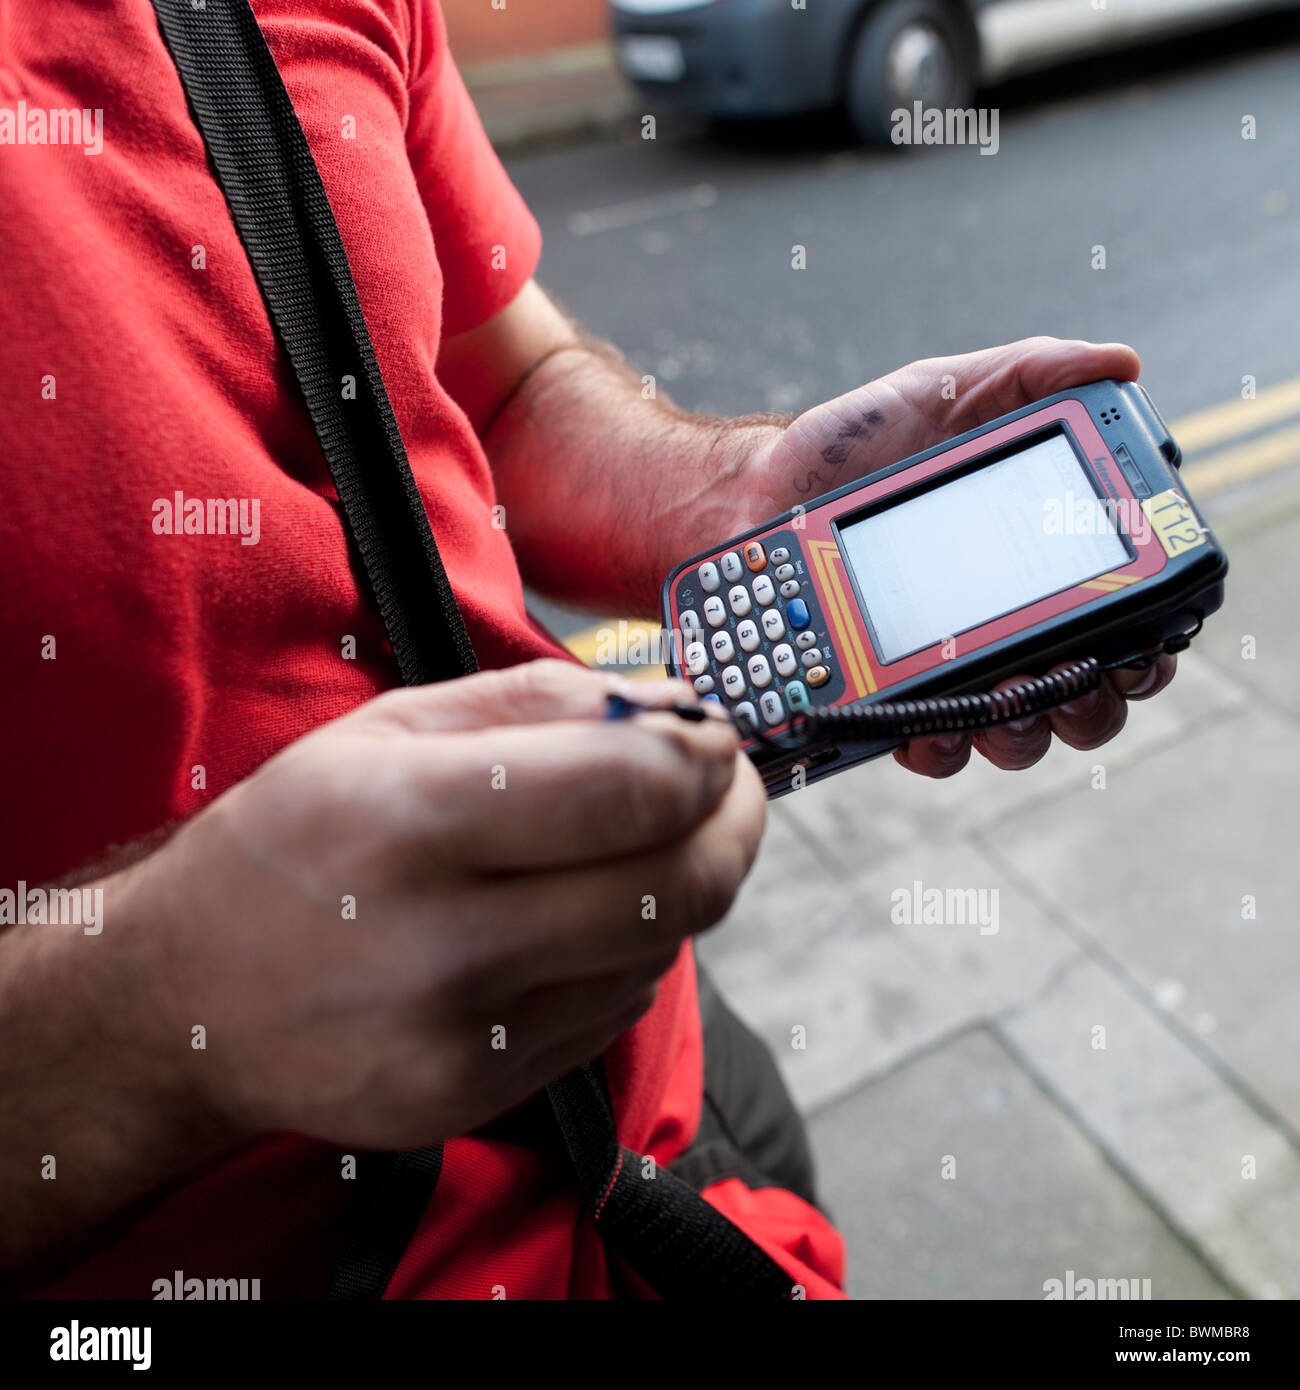 Royal Mail Postbote mit einem Handgerät digital Rekord Lieferung eines Artikels von Mail, UK Stockbild